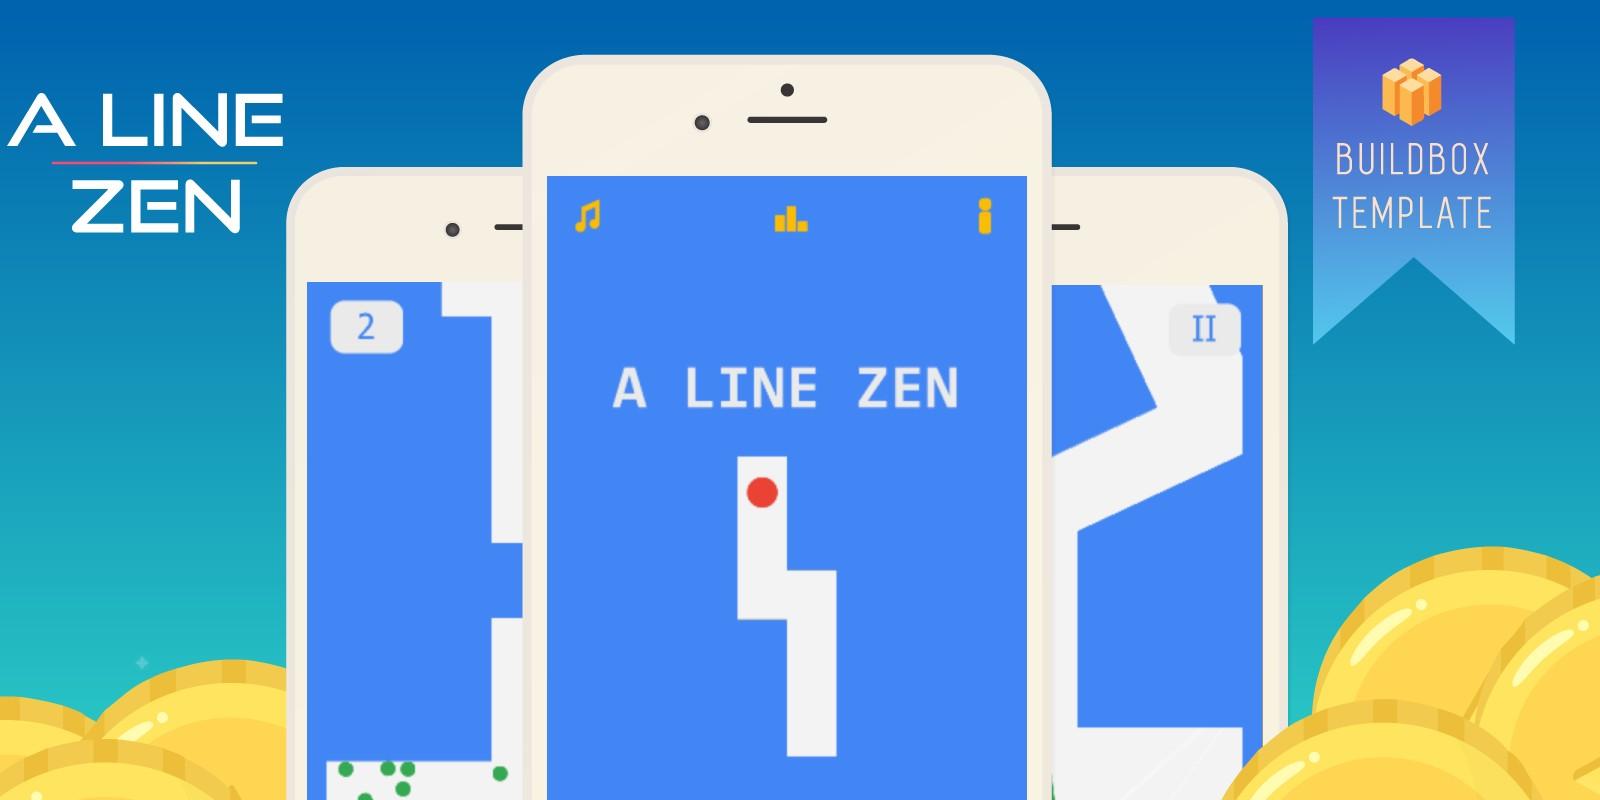 A Line Zen - Buildbox Template